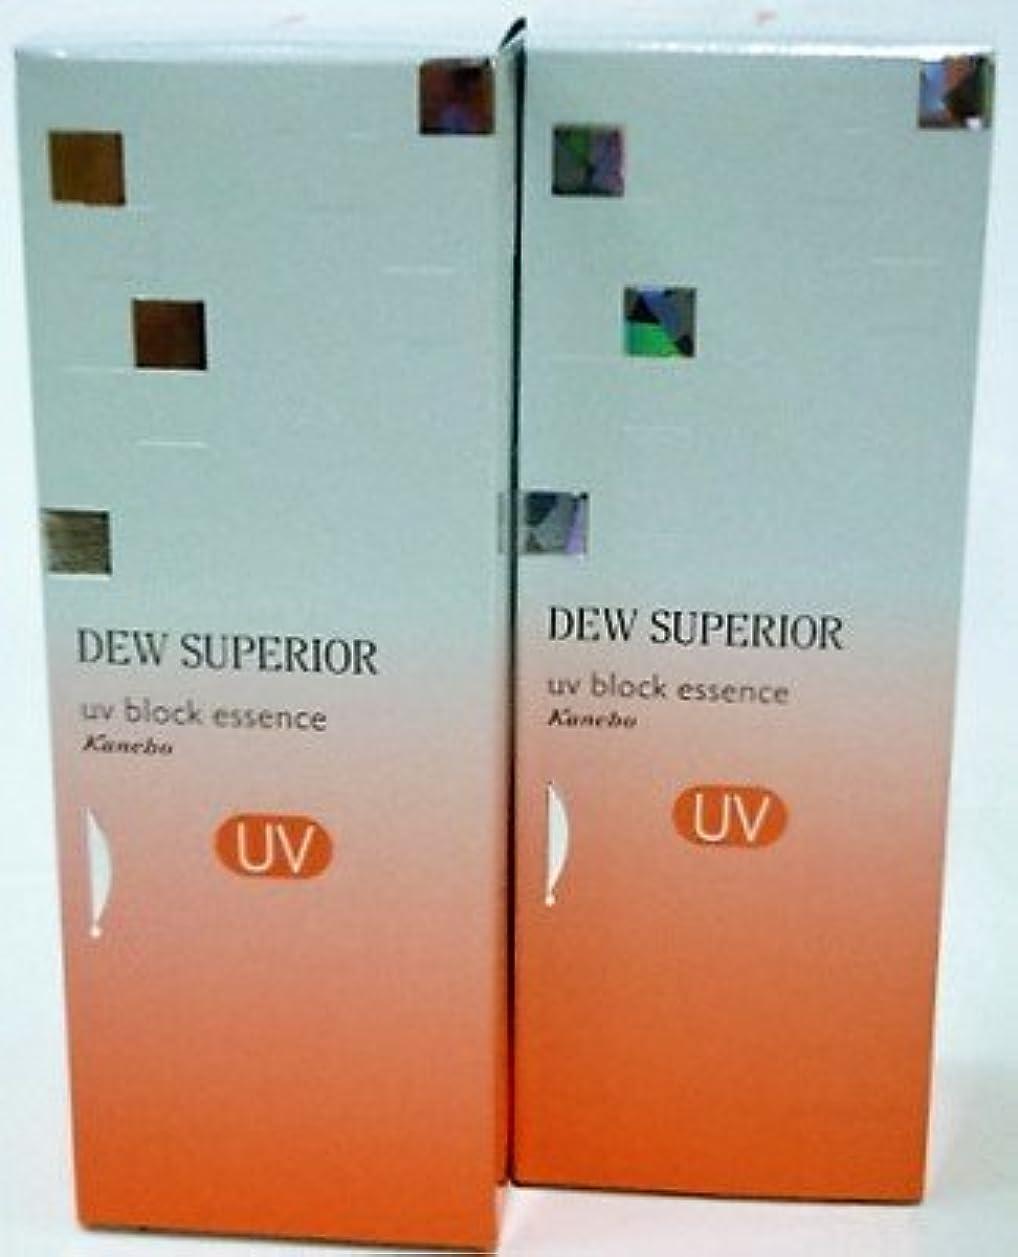 スーツケースコールドオレンジ<お得な2本パック>DEWスペリア UVブロックエッセンス 60g入り×2本